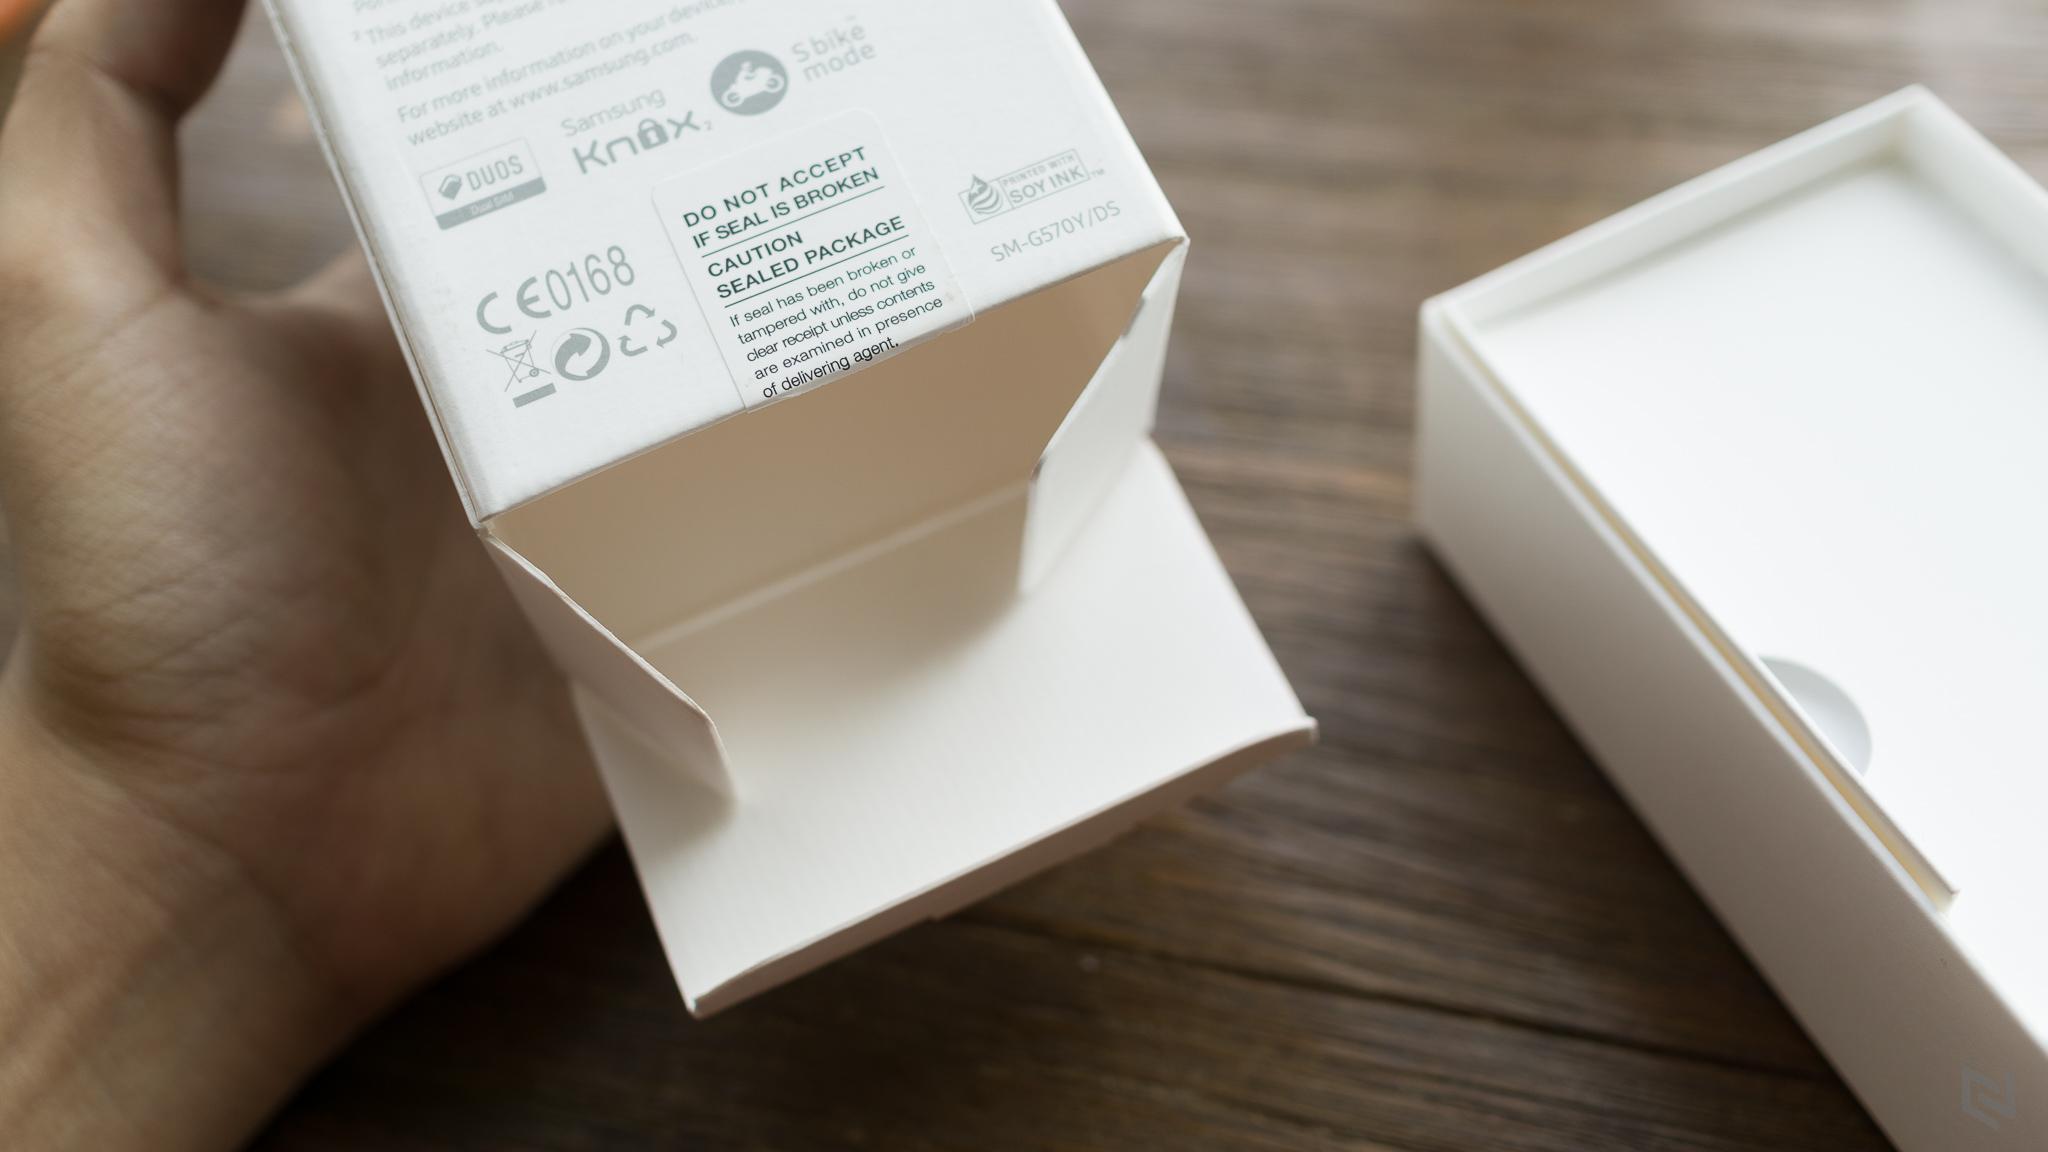 Để lấy bên trong ra, bạn phải mở theo cách này chứ kông phải nhấc hộp ra như các dòng trước.